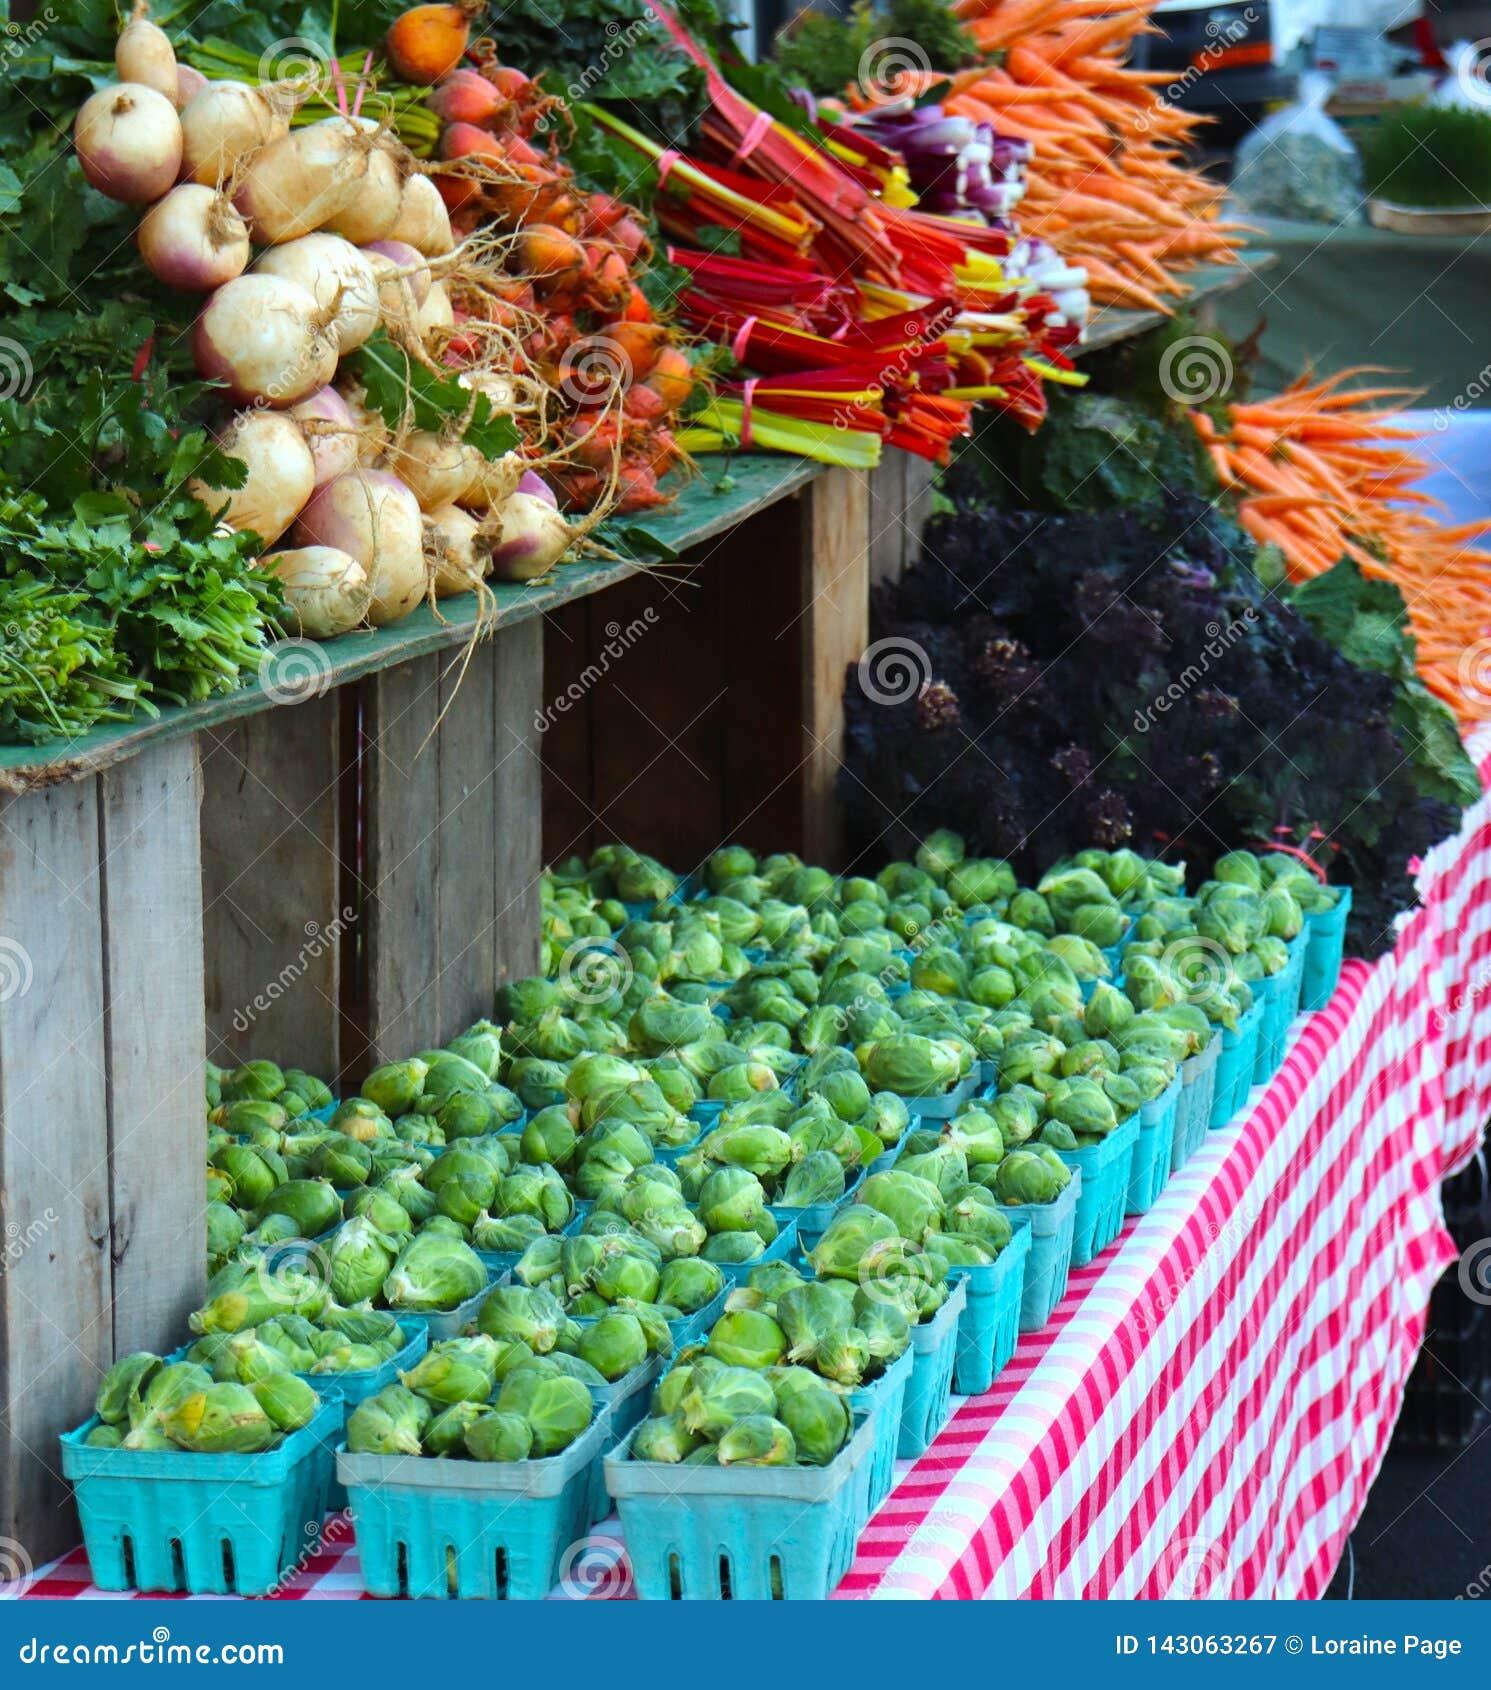 Brussel - groddar, den schweiziska charden sammanfogar andra gr?nsaker p? bondens marknad